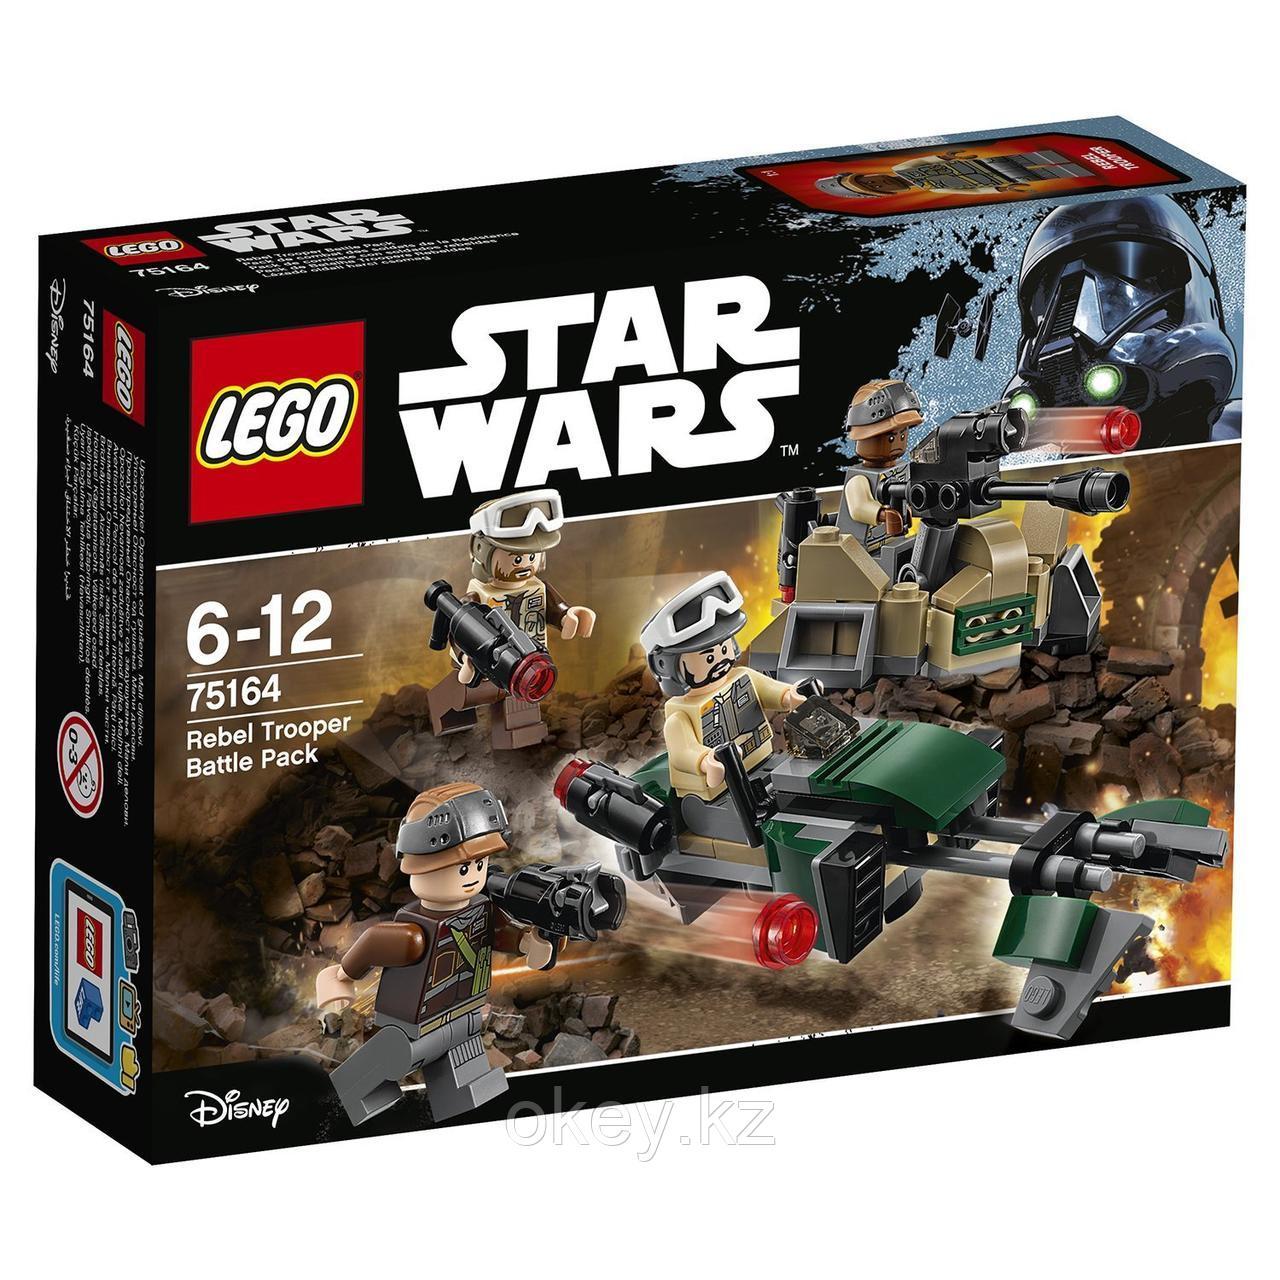 LEGO Star Wars: Боевой набор повстанцев 75164